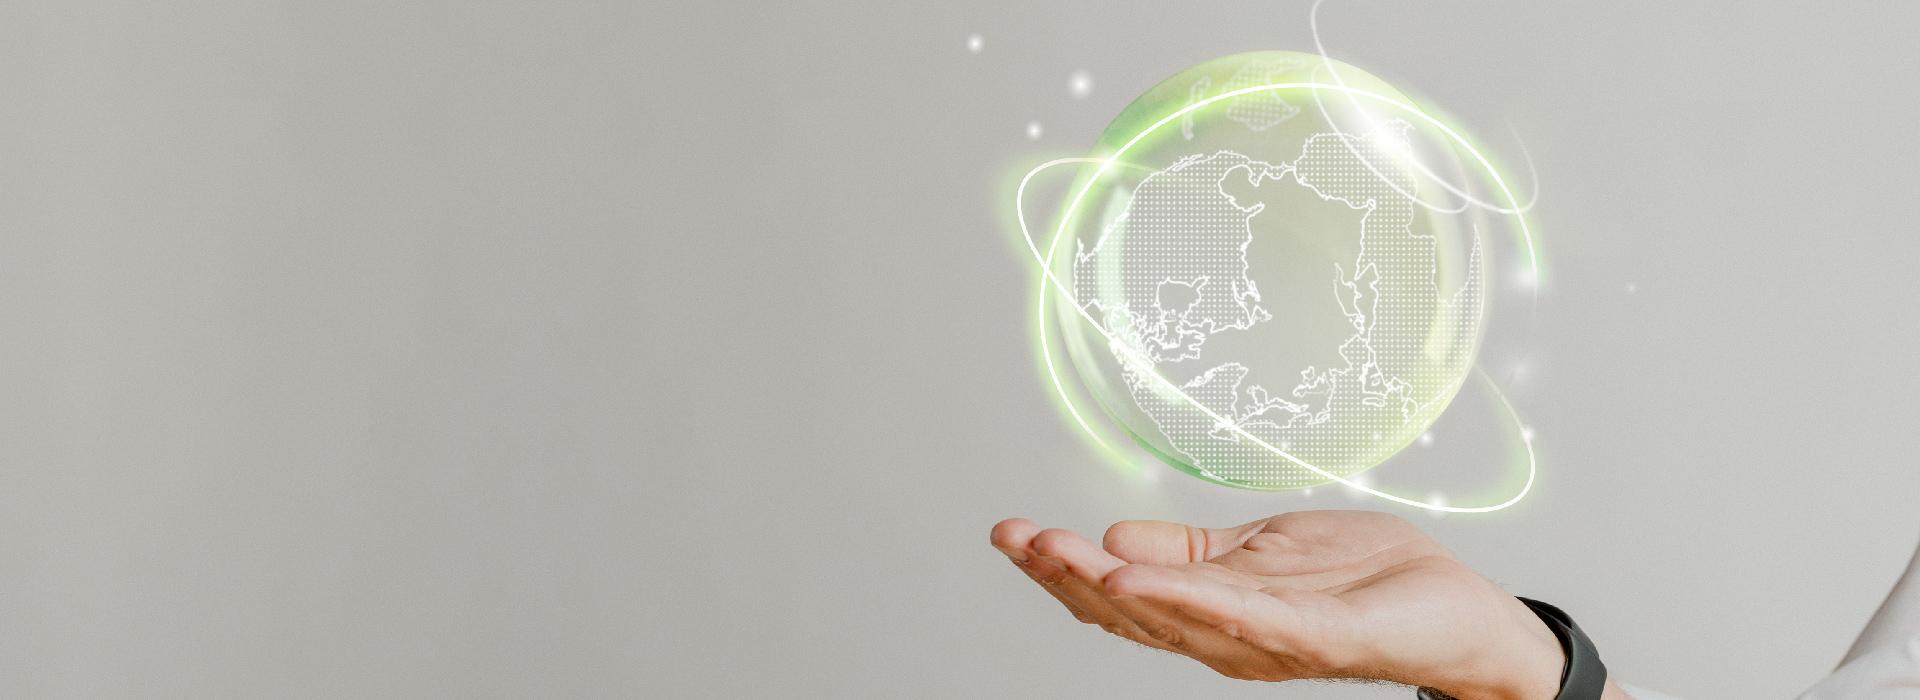 Eficiencia Energética en Pyme y en Gran Empresa del sector